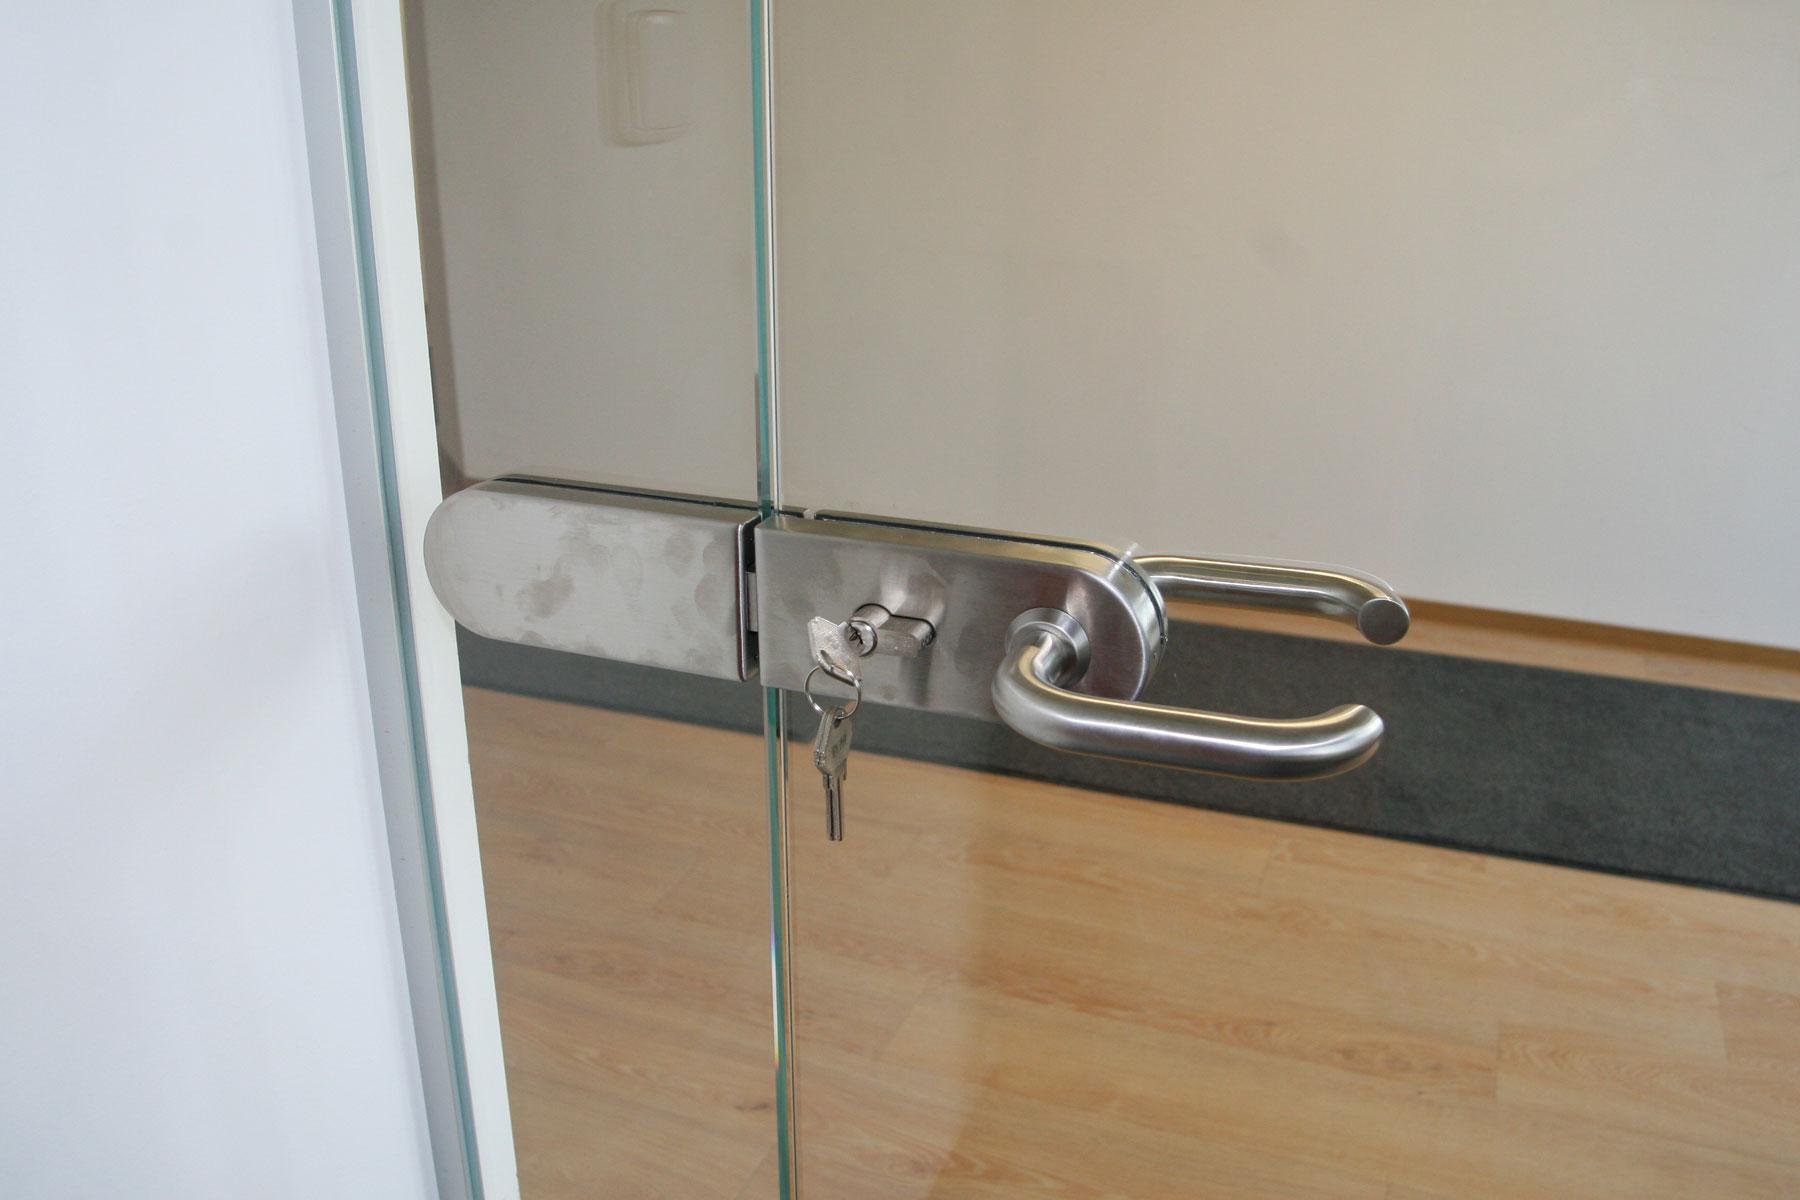 Sklenarstvi-Prerost-sklenene- steny-a-dvere (55)